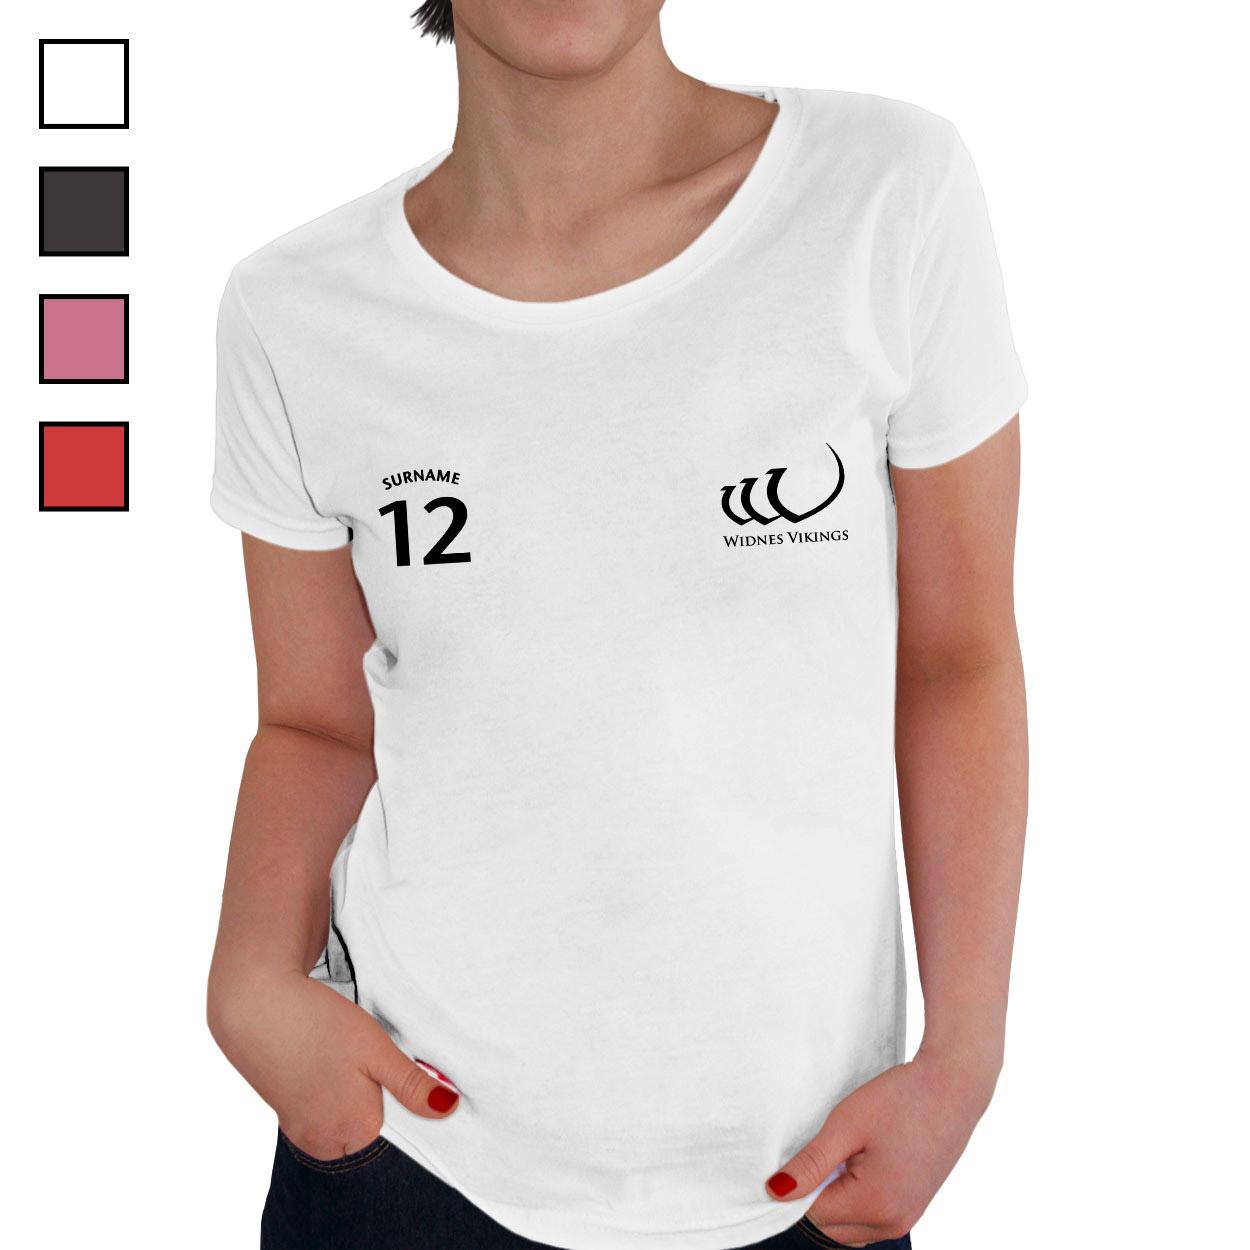 Widnes Vikings Ladies Sports T-Shirt